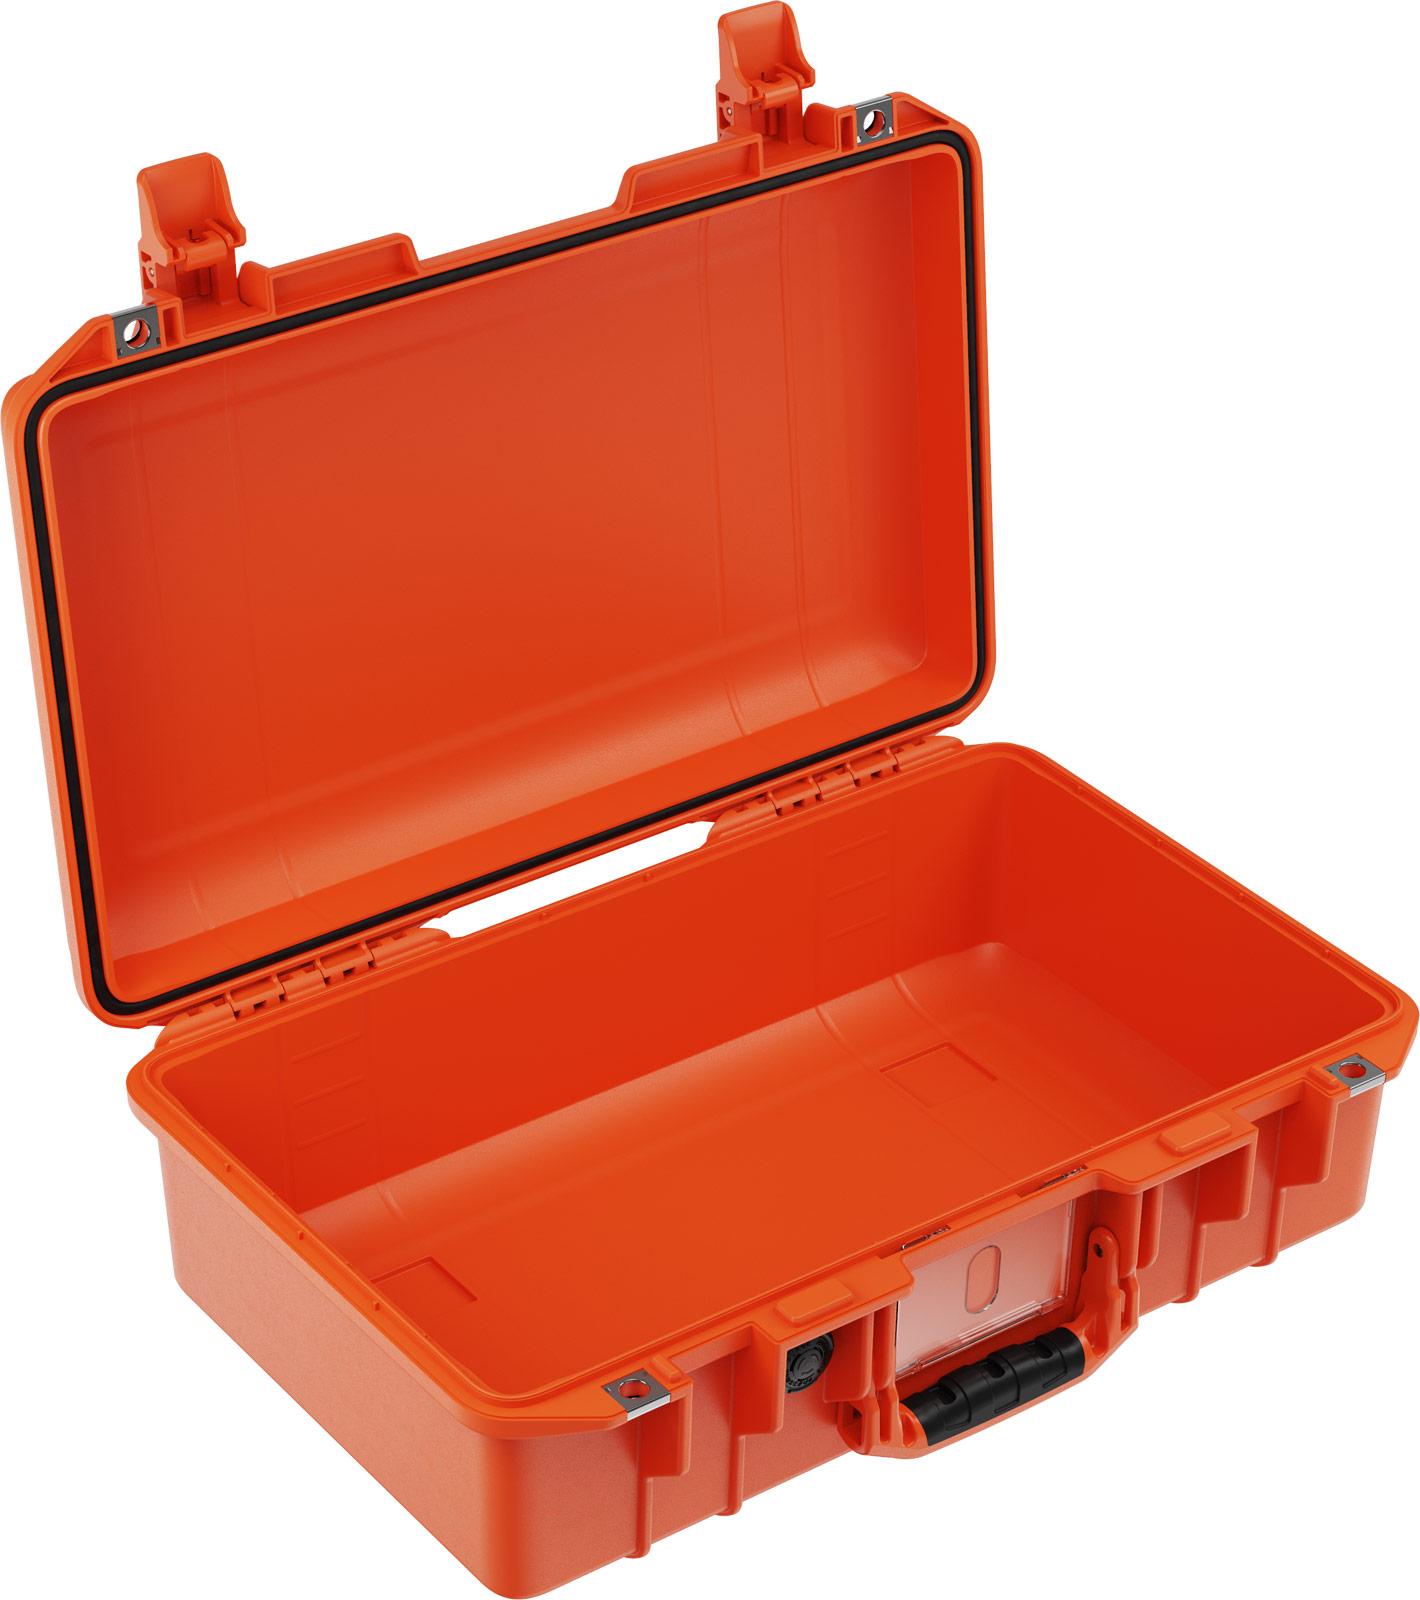 pelican air 1485 orange travel case